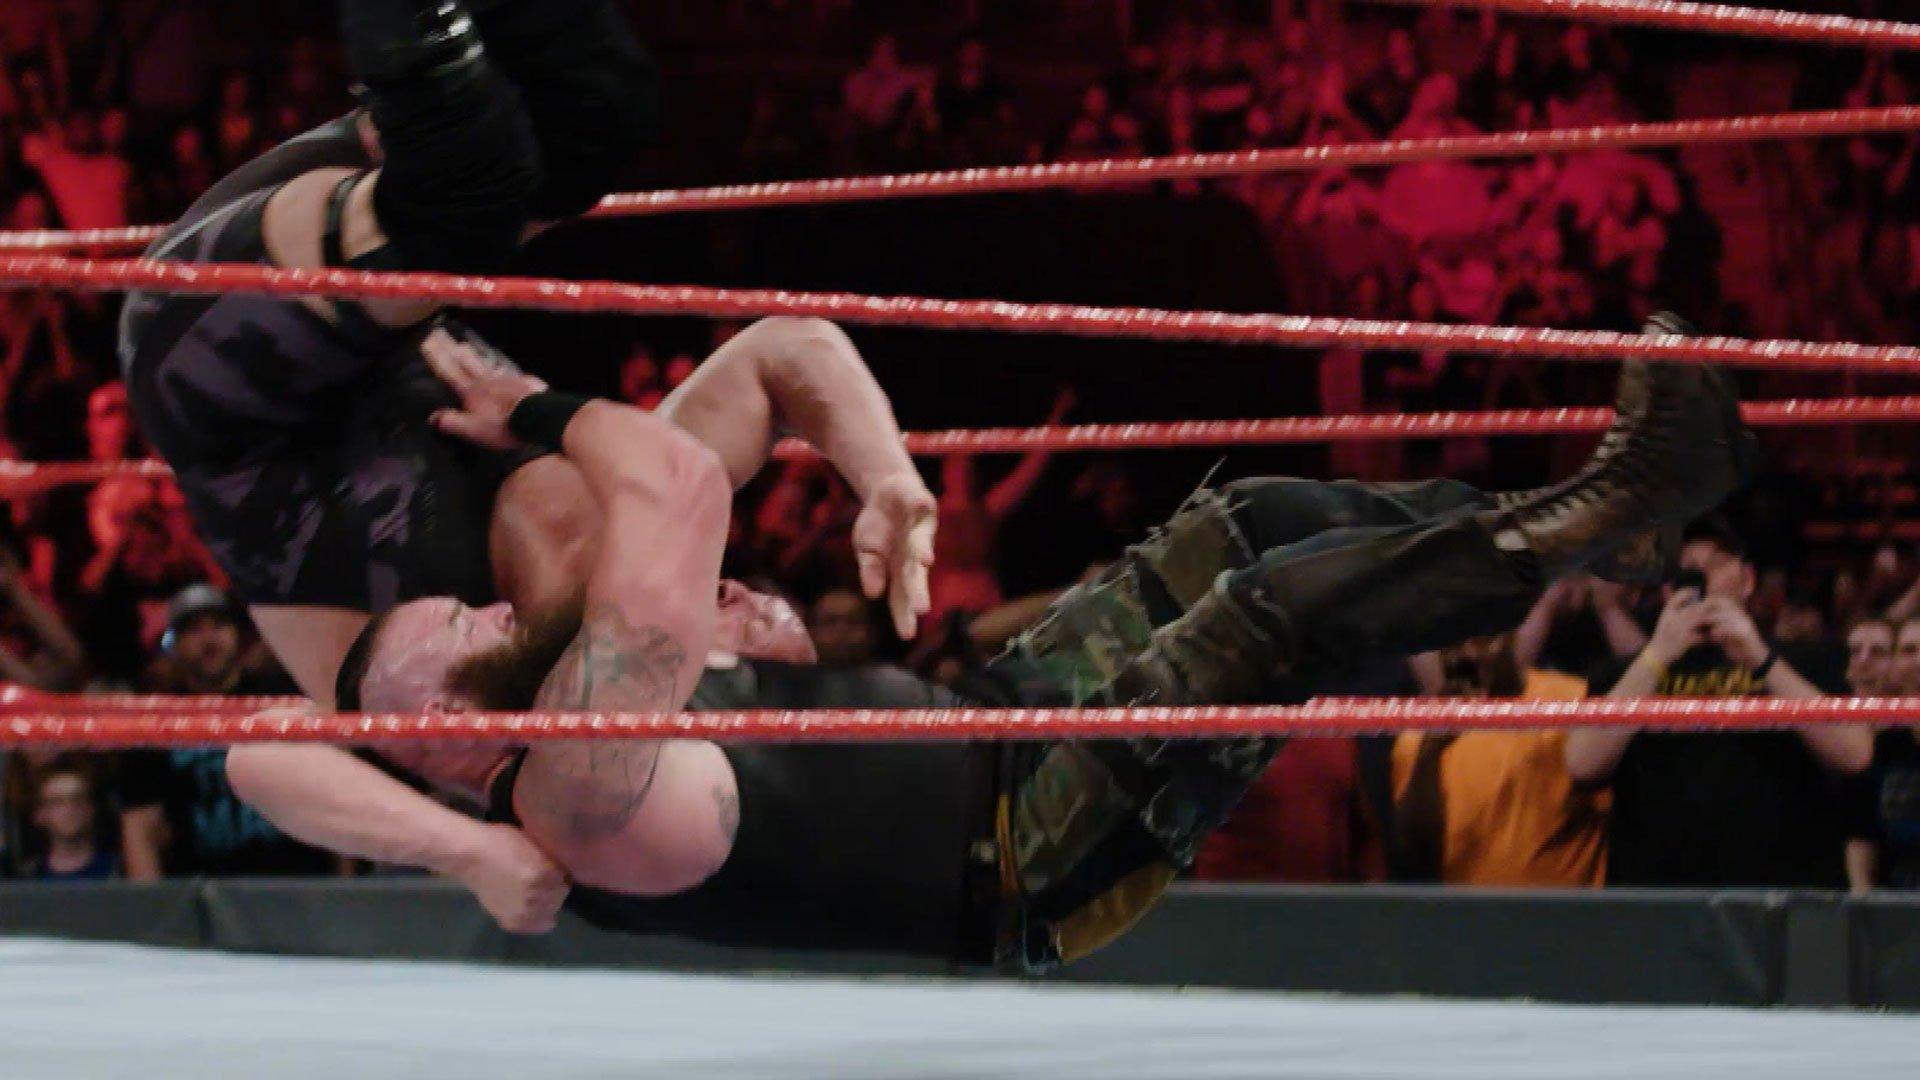 Niesamowite zwolnione tempo starcia Braun Strowman vs. Big Show: WWE.com Exclusive 17.04.17